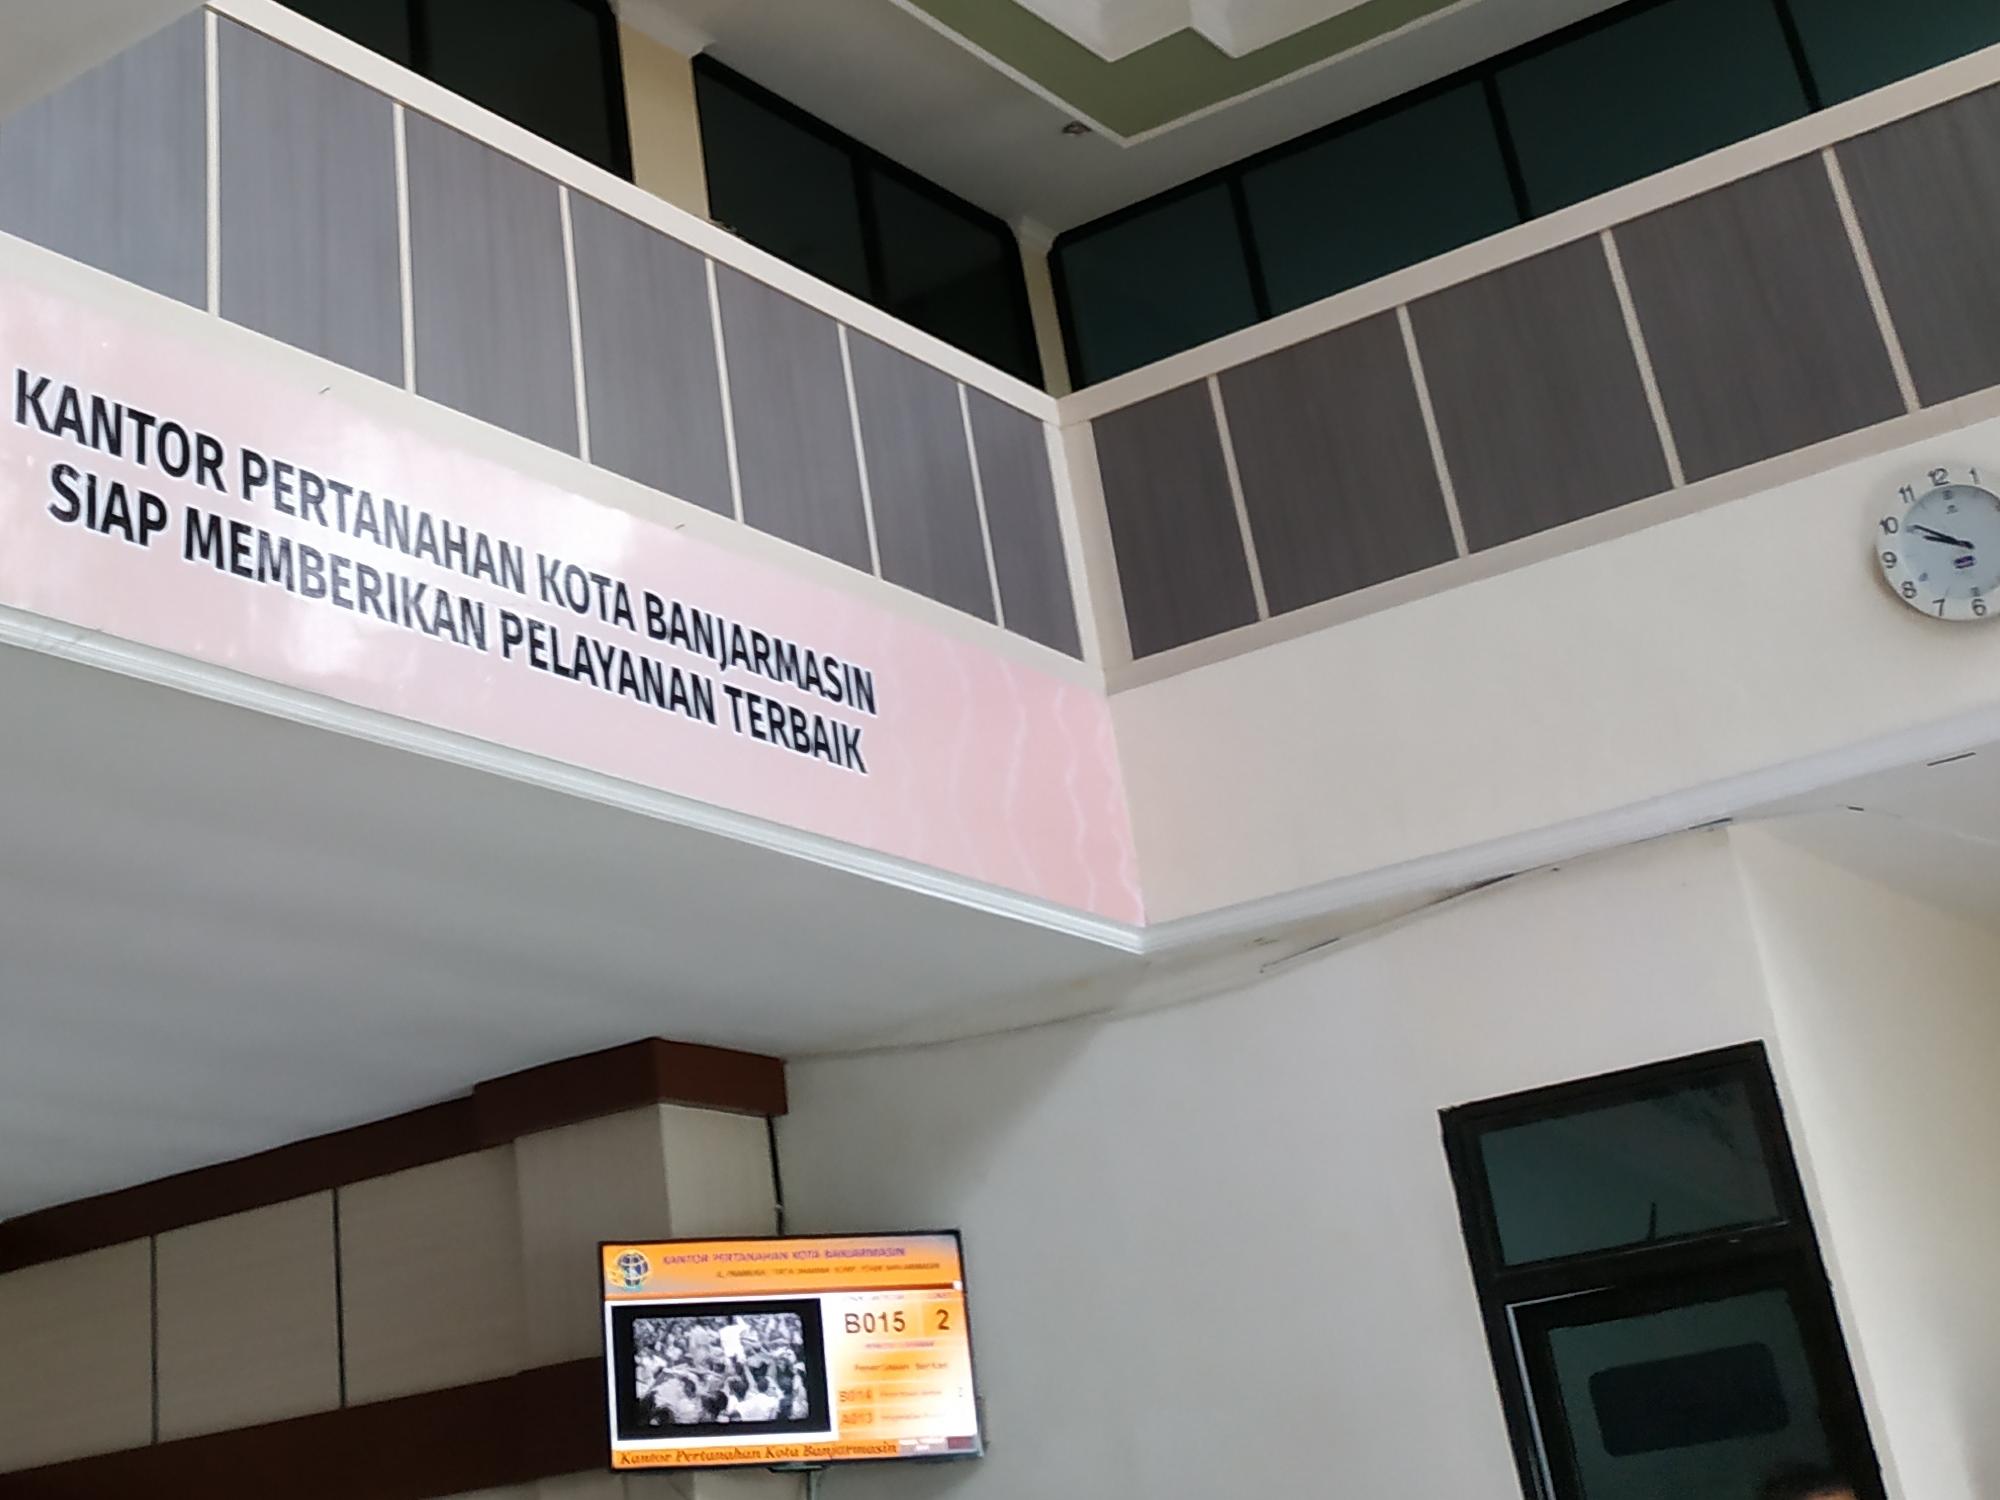 Badan-Pertanahan-Nasional-Kota-Banjarmasin-Kantor.jpeg (2000×1500)